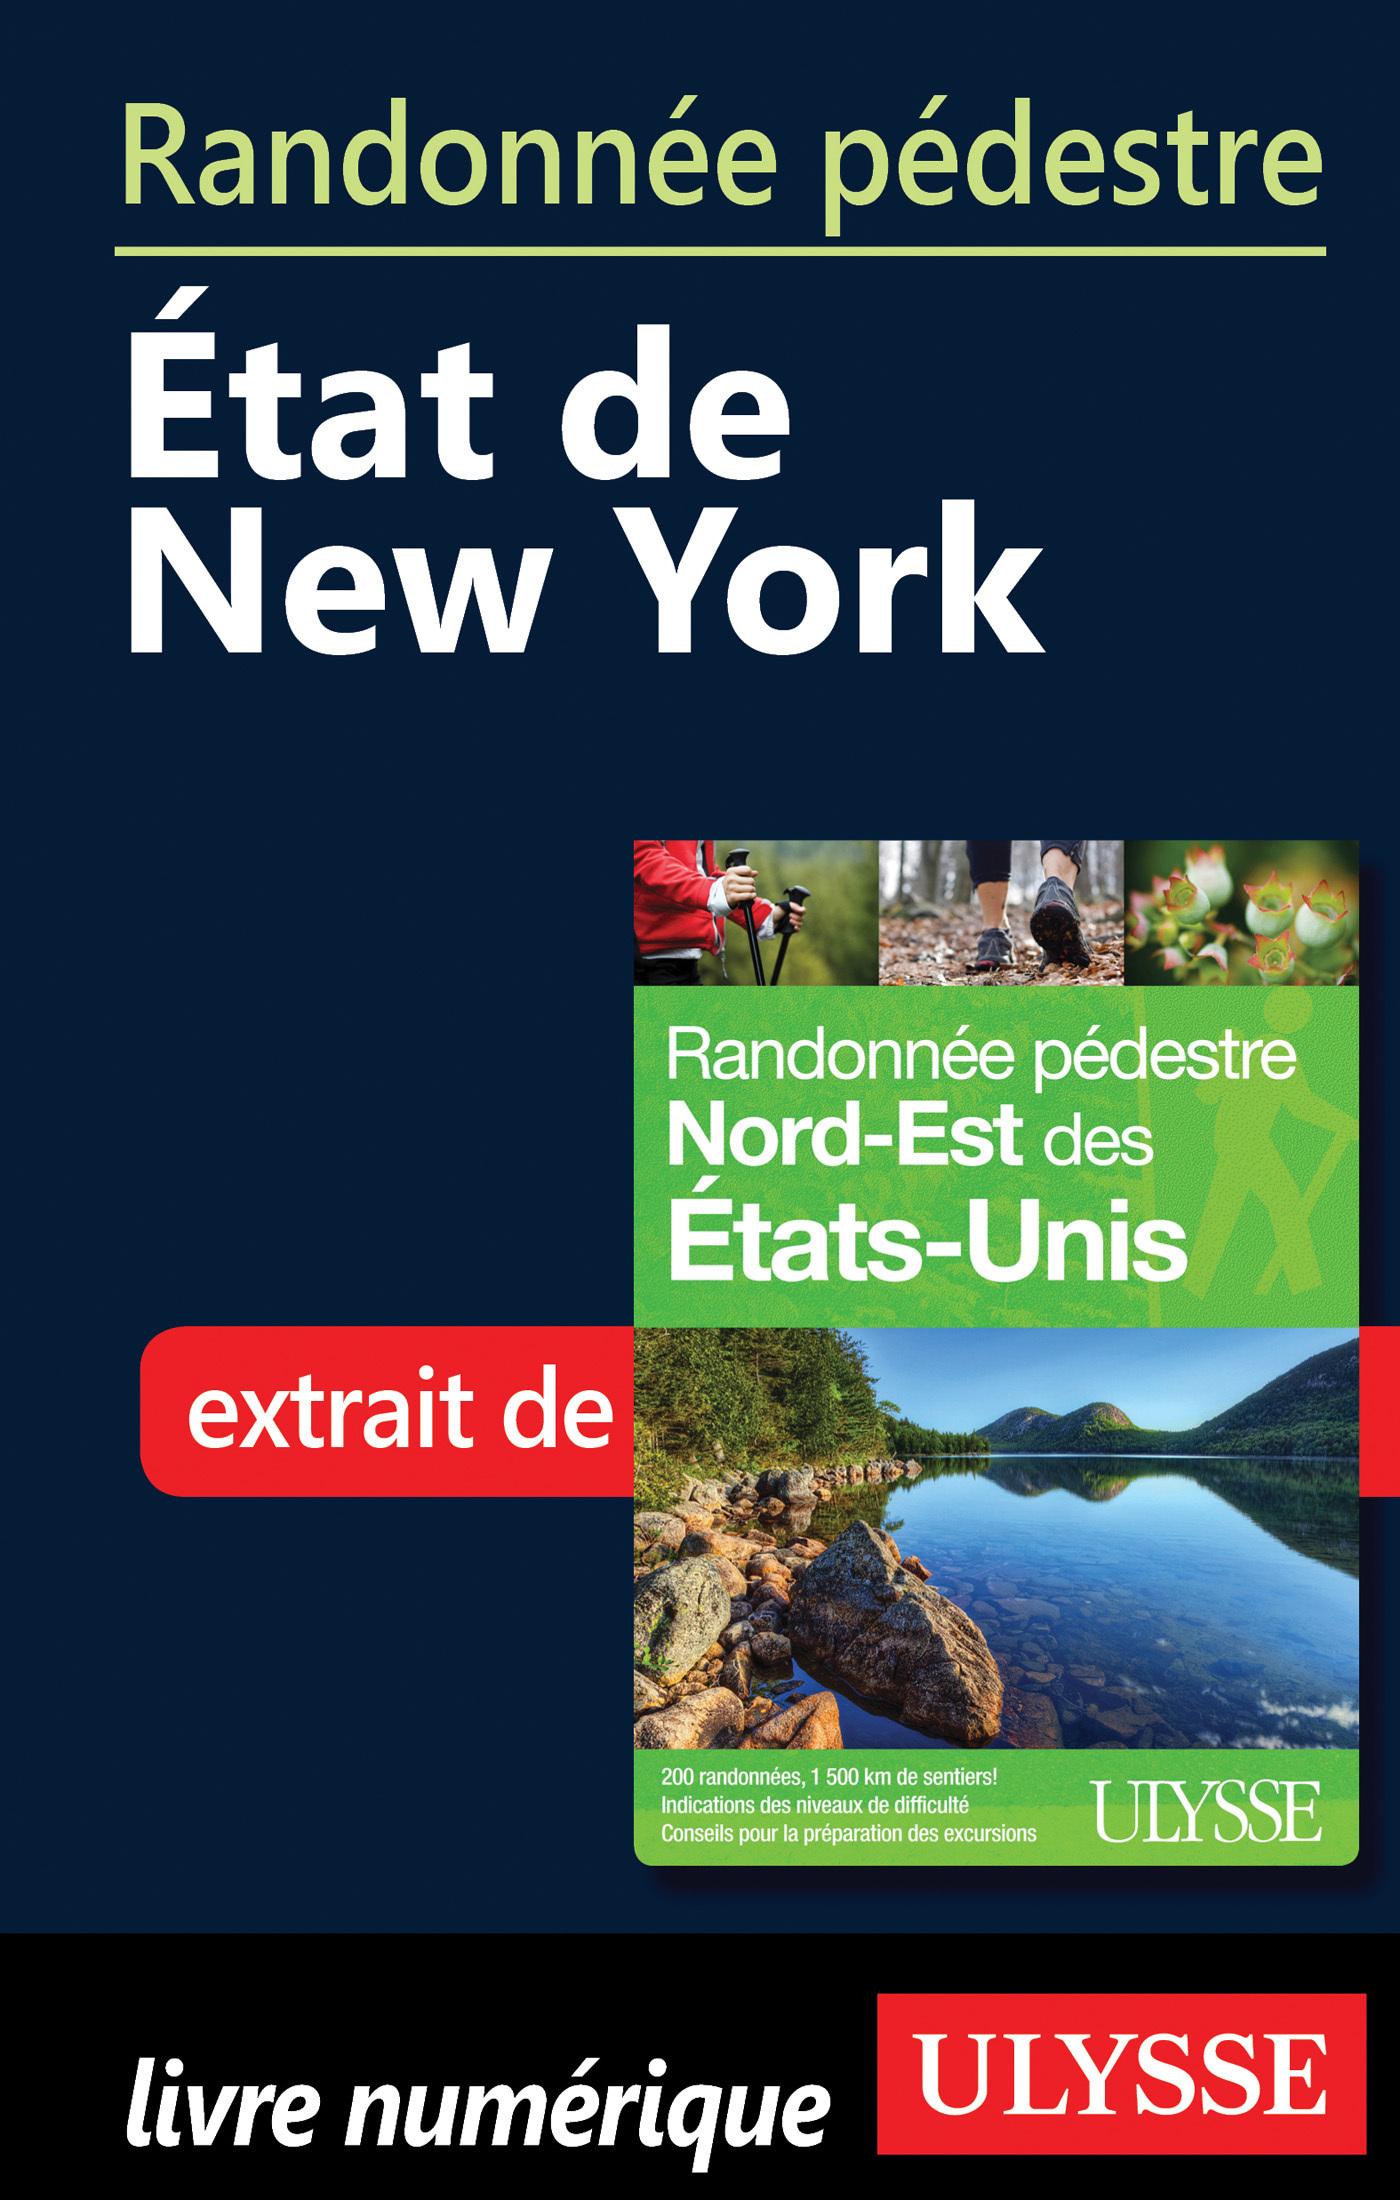 Randonnée pédestre - Etat de New York